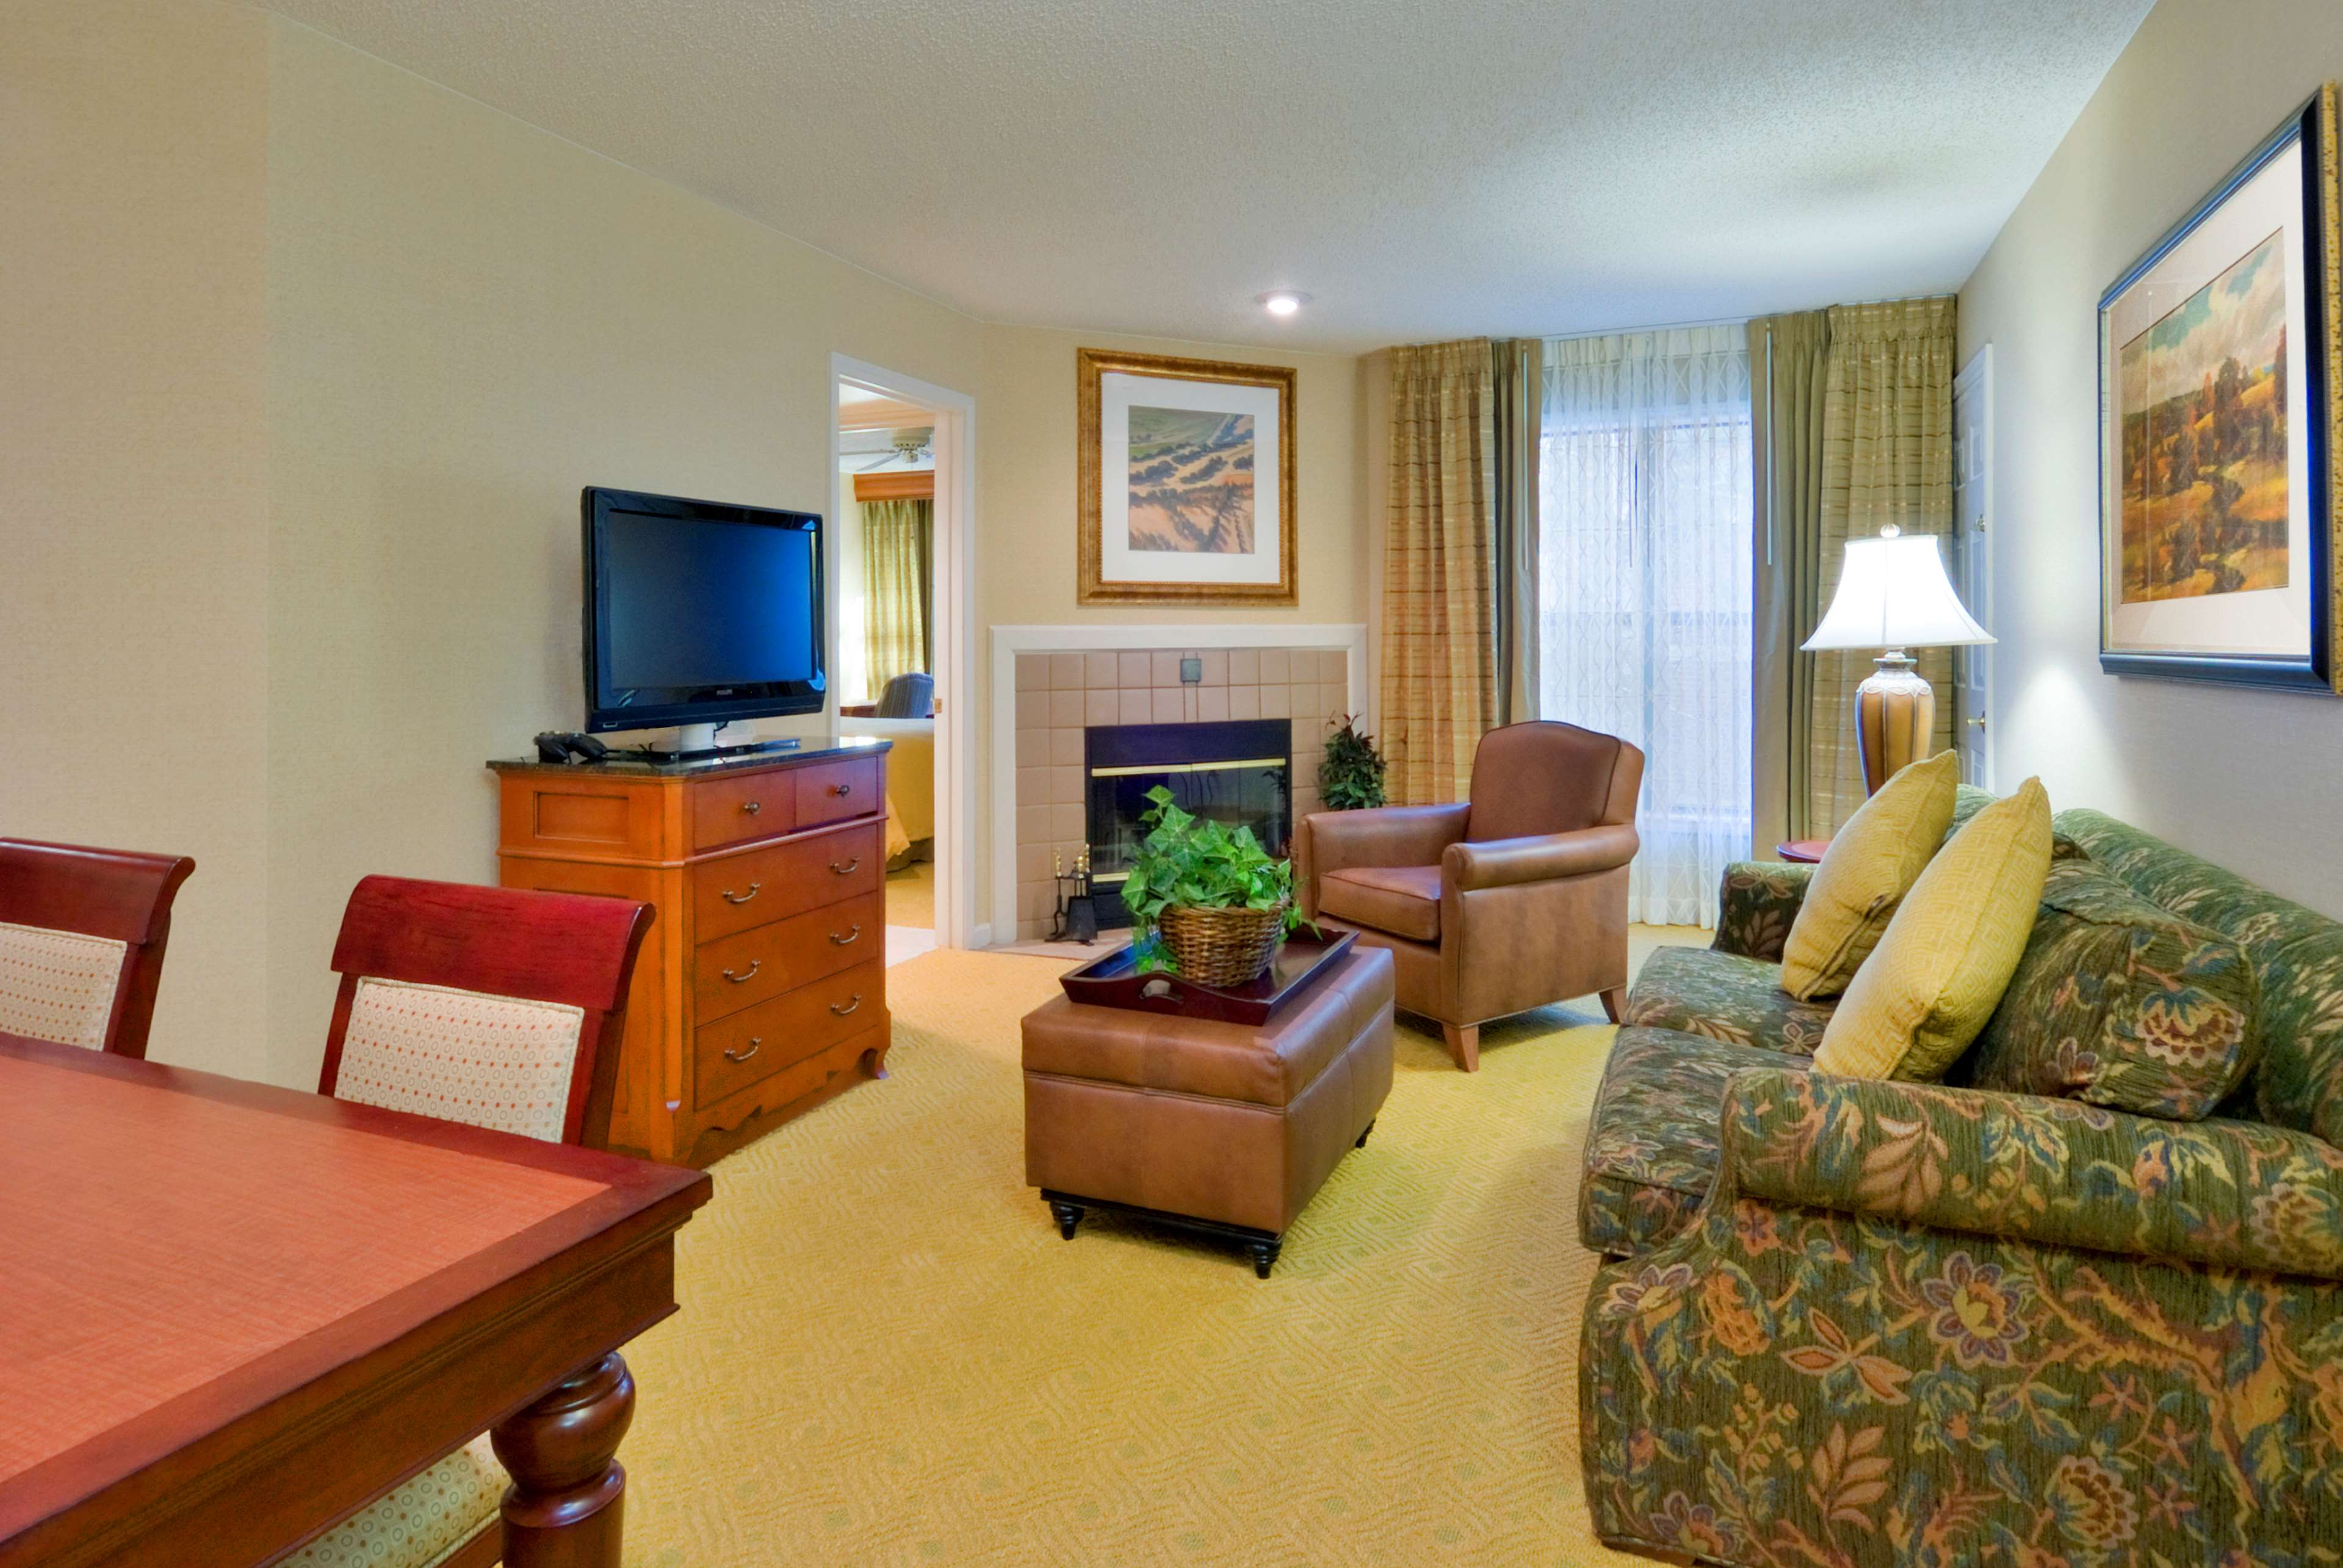 Homewood Suites by Hilton - Boulder image 14